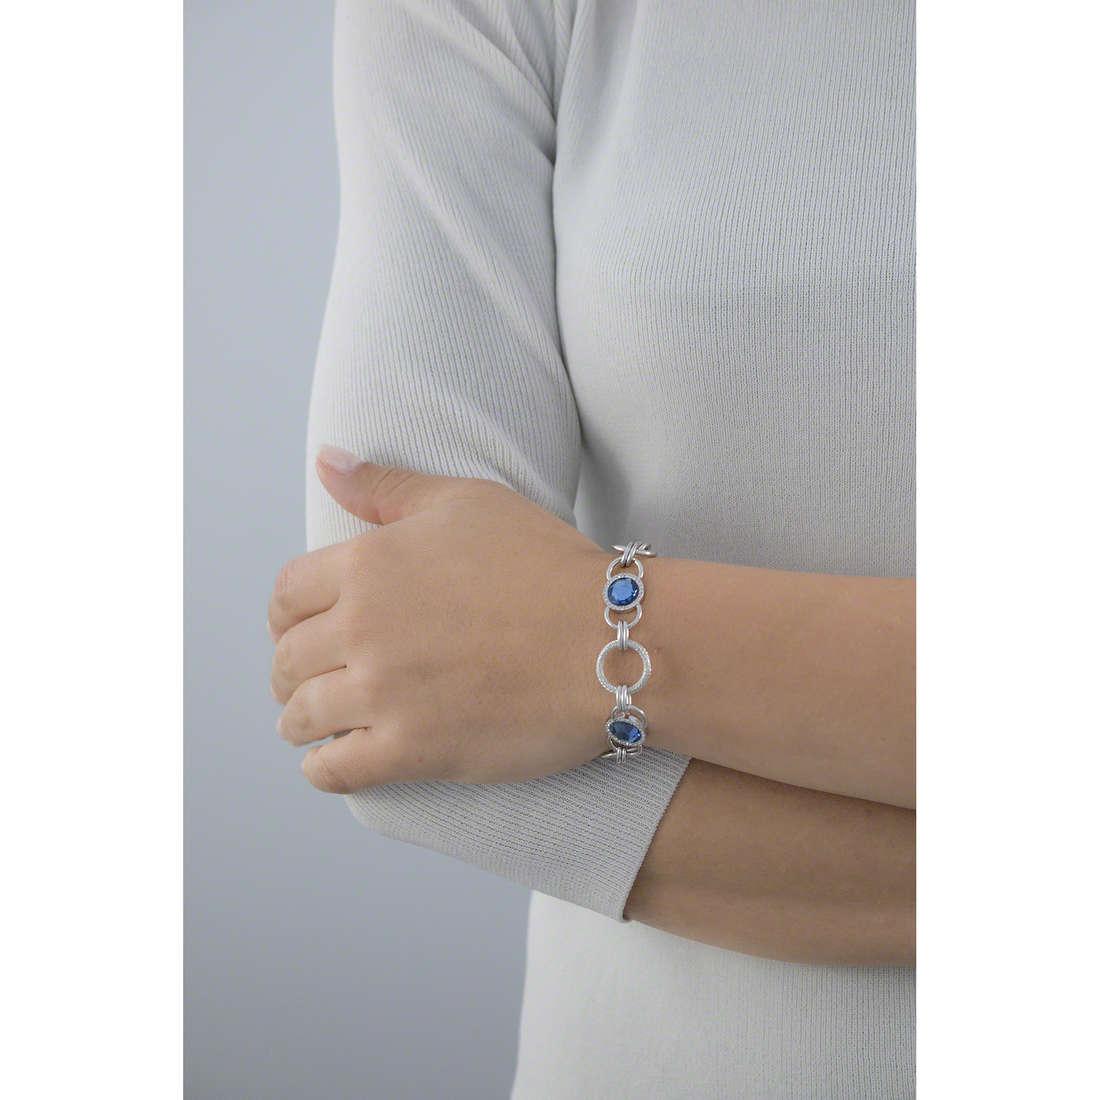 Morellato bracciali Essenza donna SAGX09 indosso